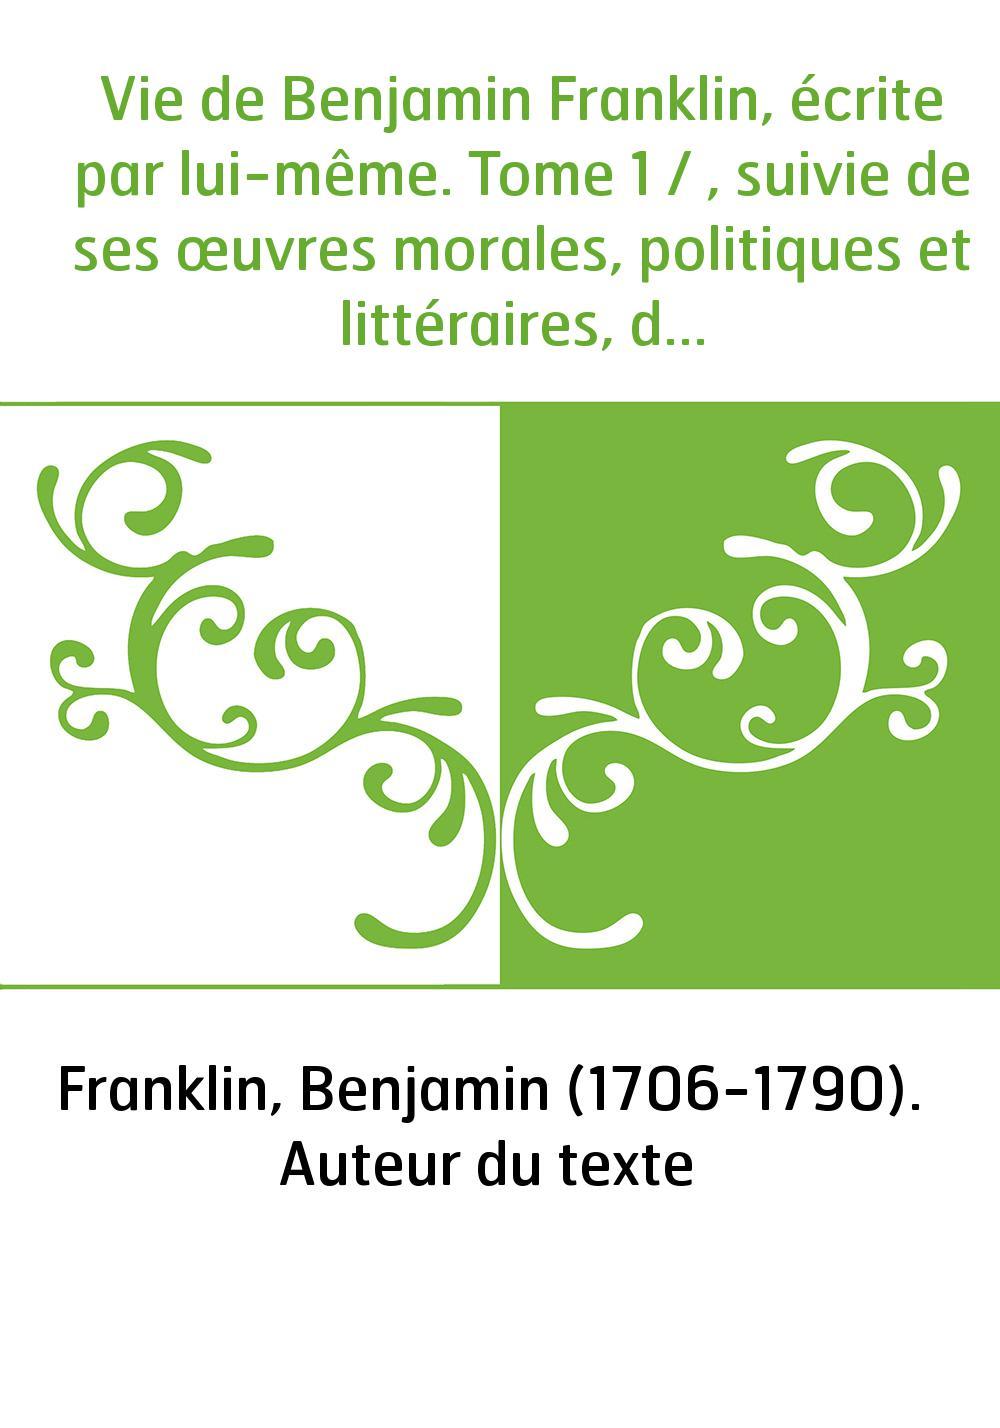 Vie de Benjamin Franklin, écrite par lui-même. Tome 1 / , suivie de ses œuvres morales, politiques et littéraires, dont la plus